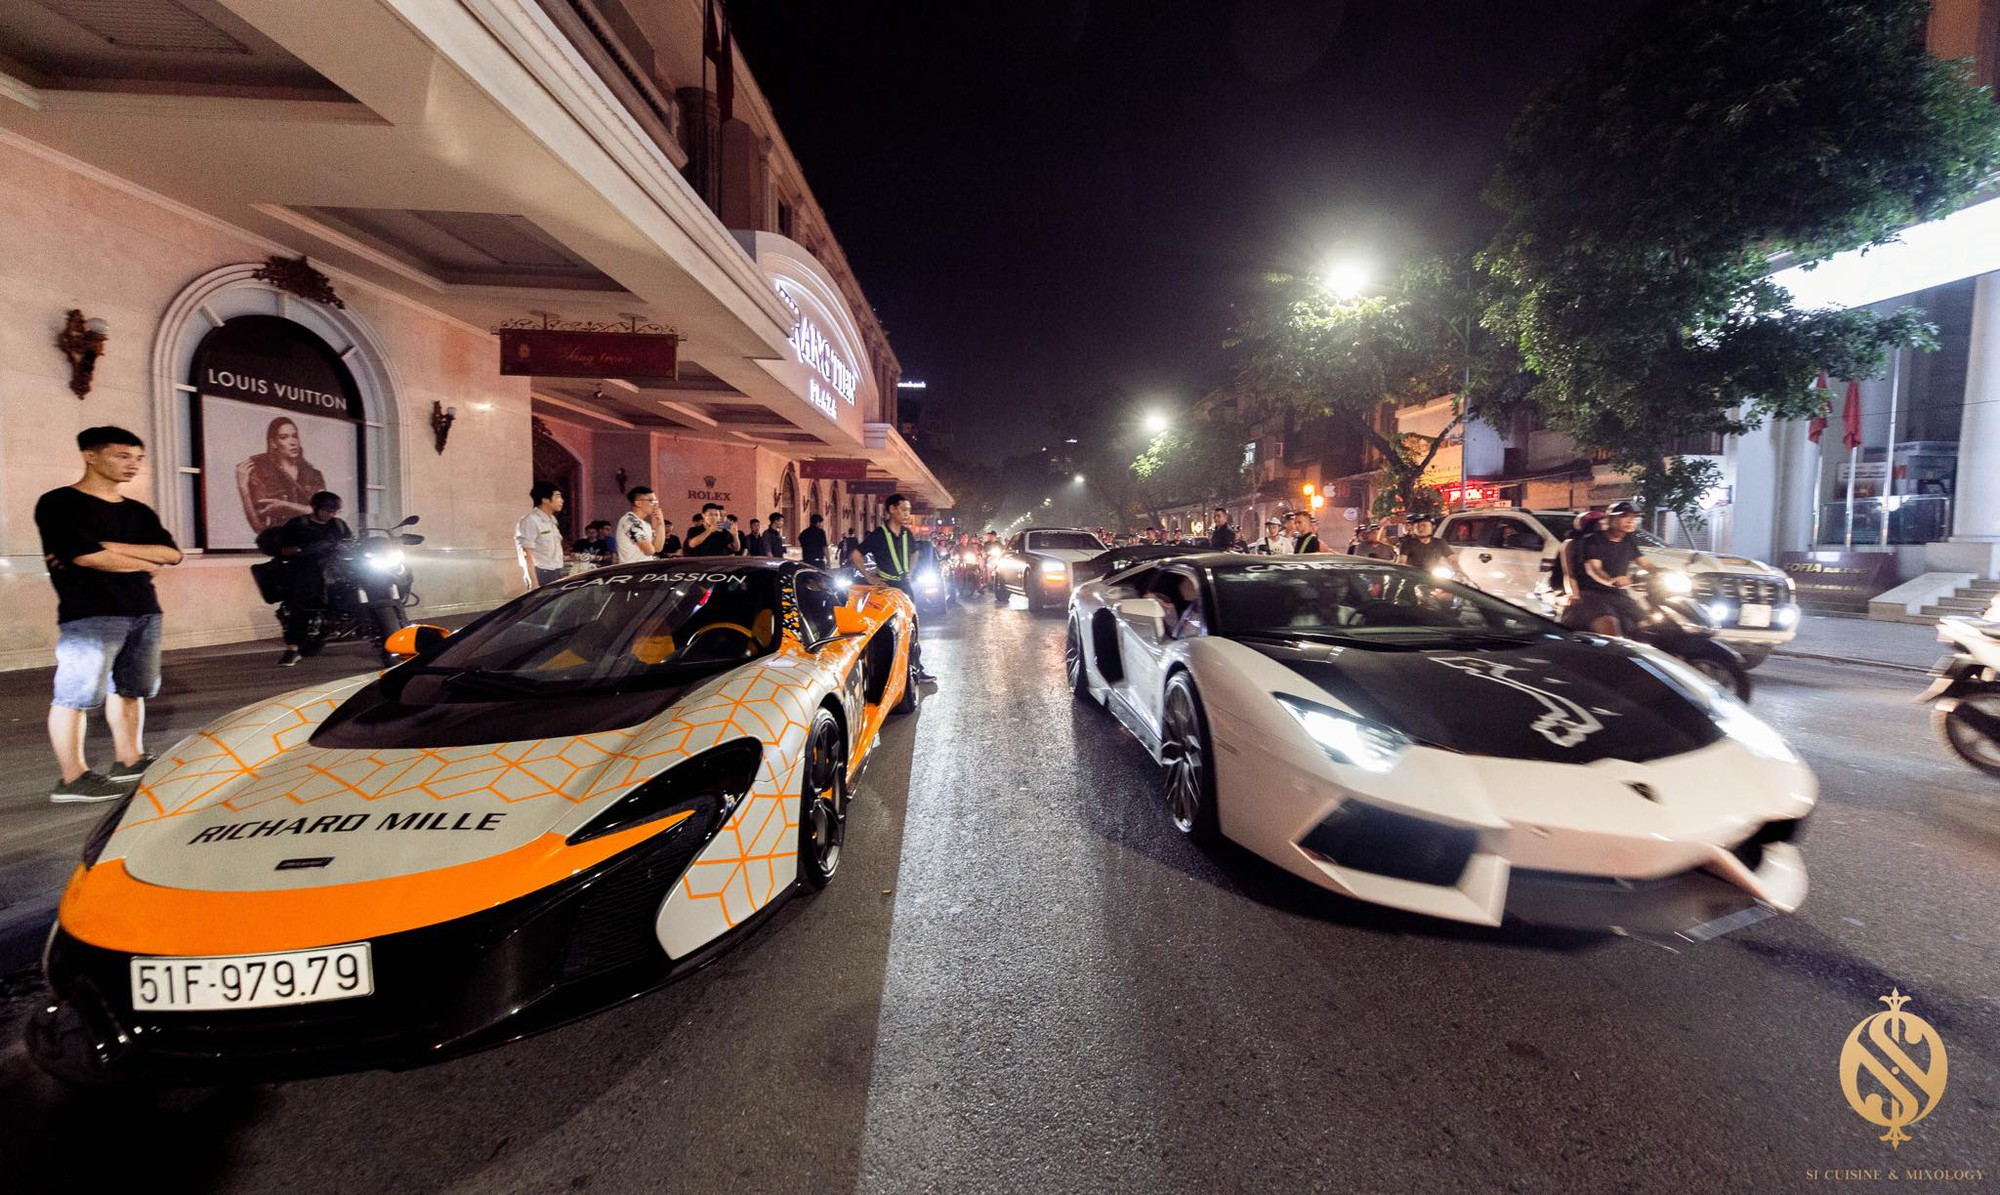 Choáng ngợp trước dàn siêu xe cực khủng trên phố Hàng Bài - Ảnh 2.